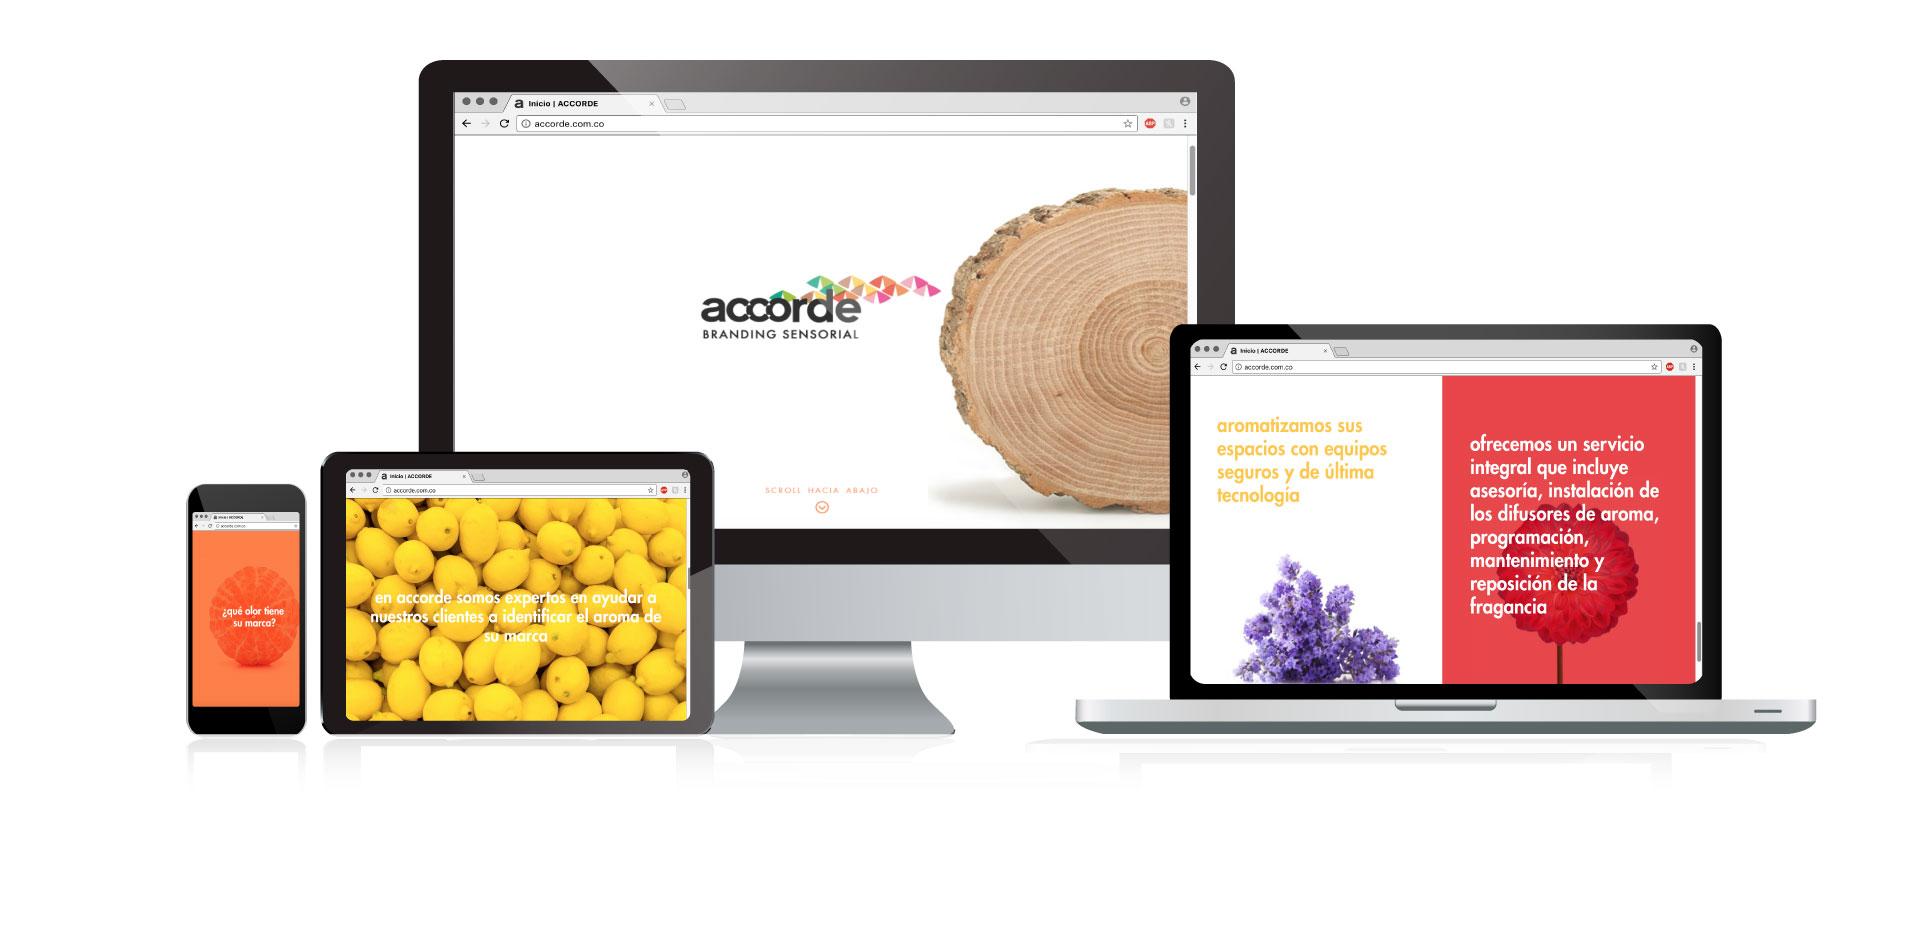 Accorde -  Landing Page